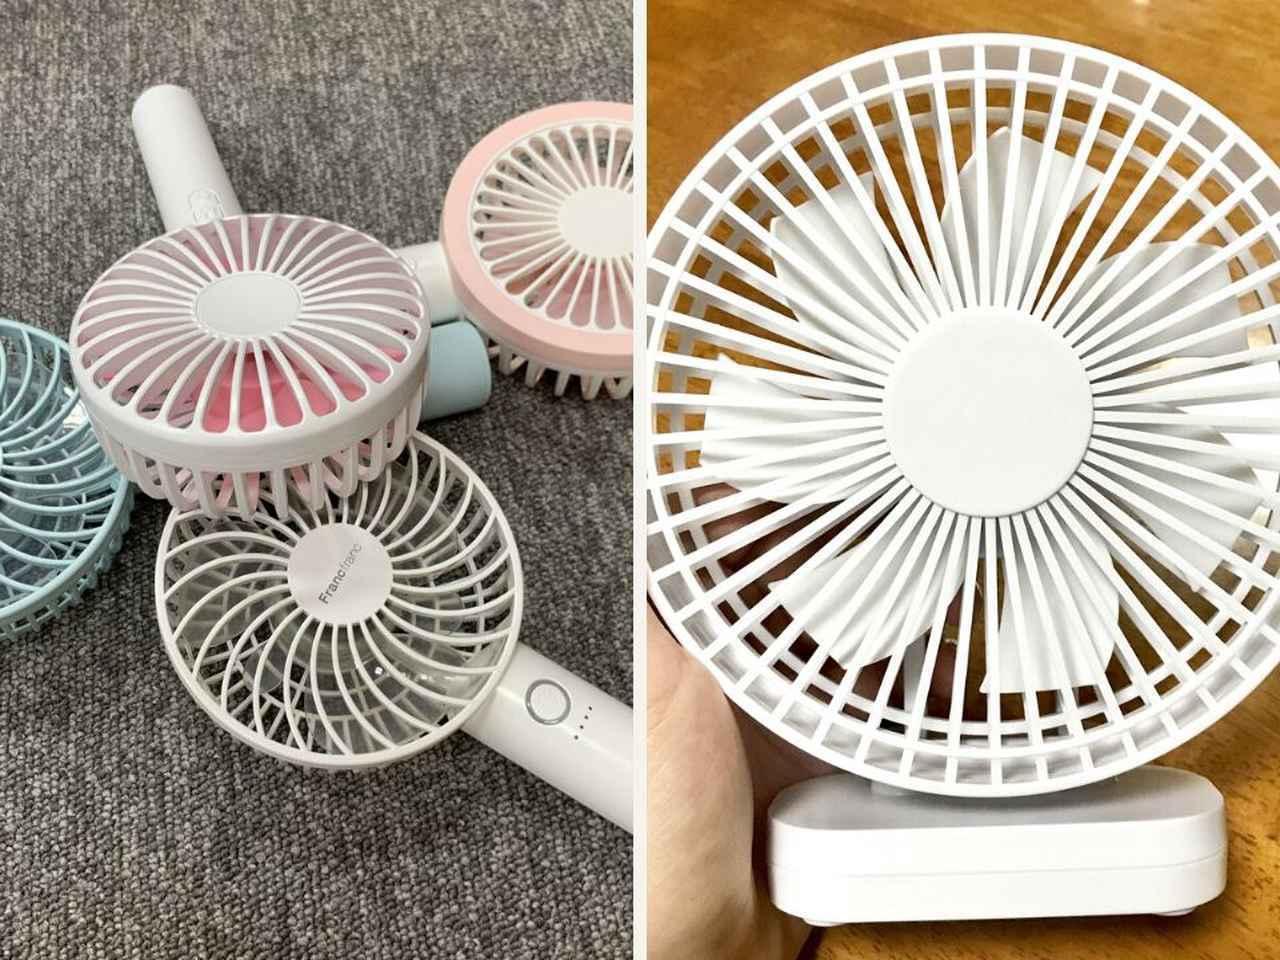 画像: ポータブル扇風機は夏キャンプにおすすめ! ハンディ・置き型の携帯扇風機厳選6選 - ハピキャン|キャンプ・アウトドア情報メディア